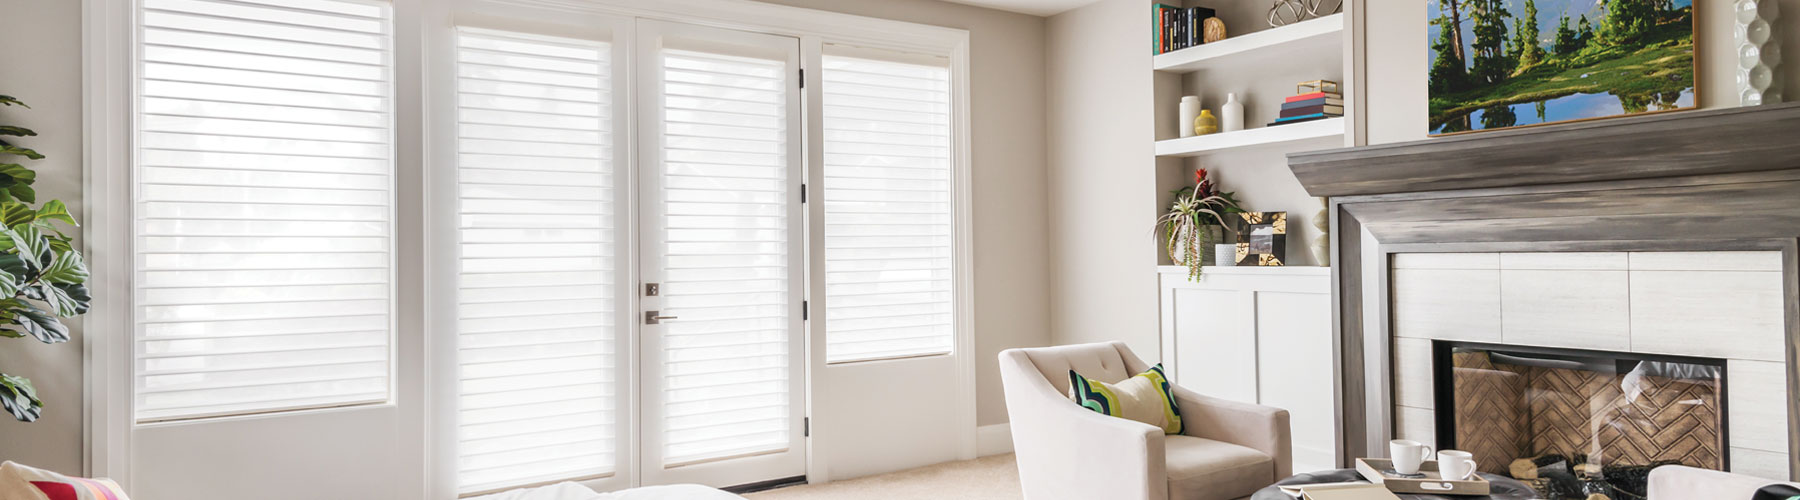 Polaris windows and doors